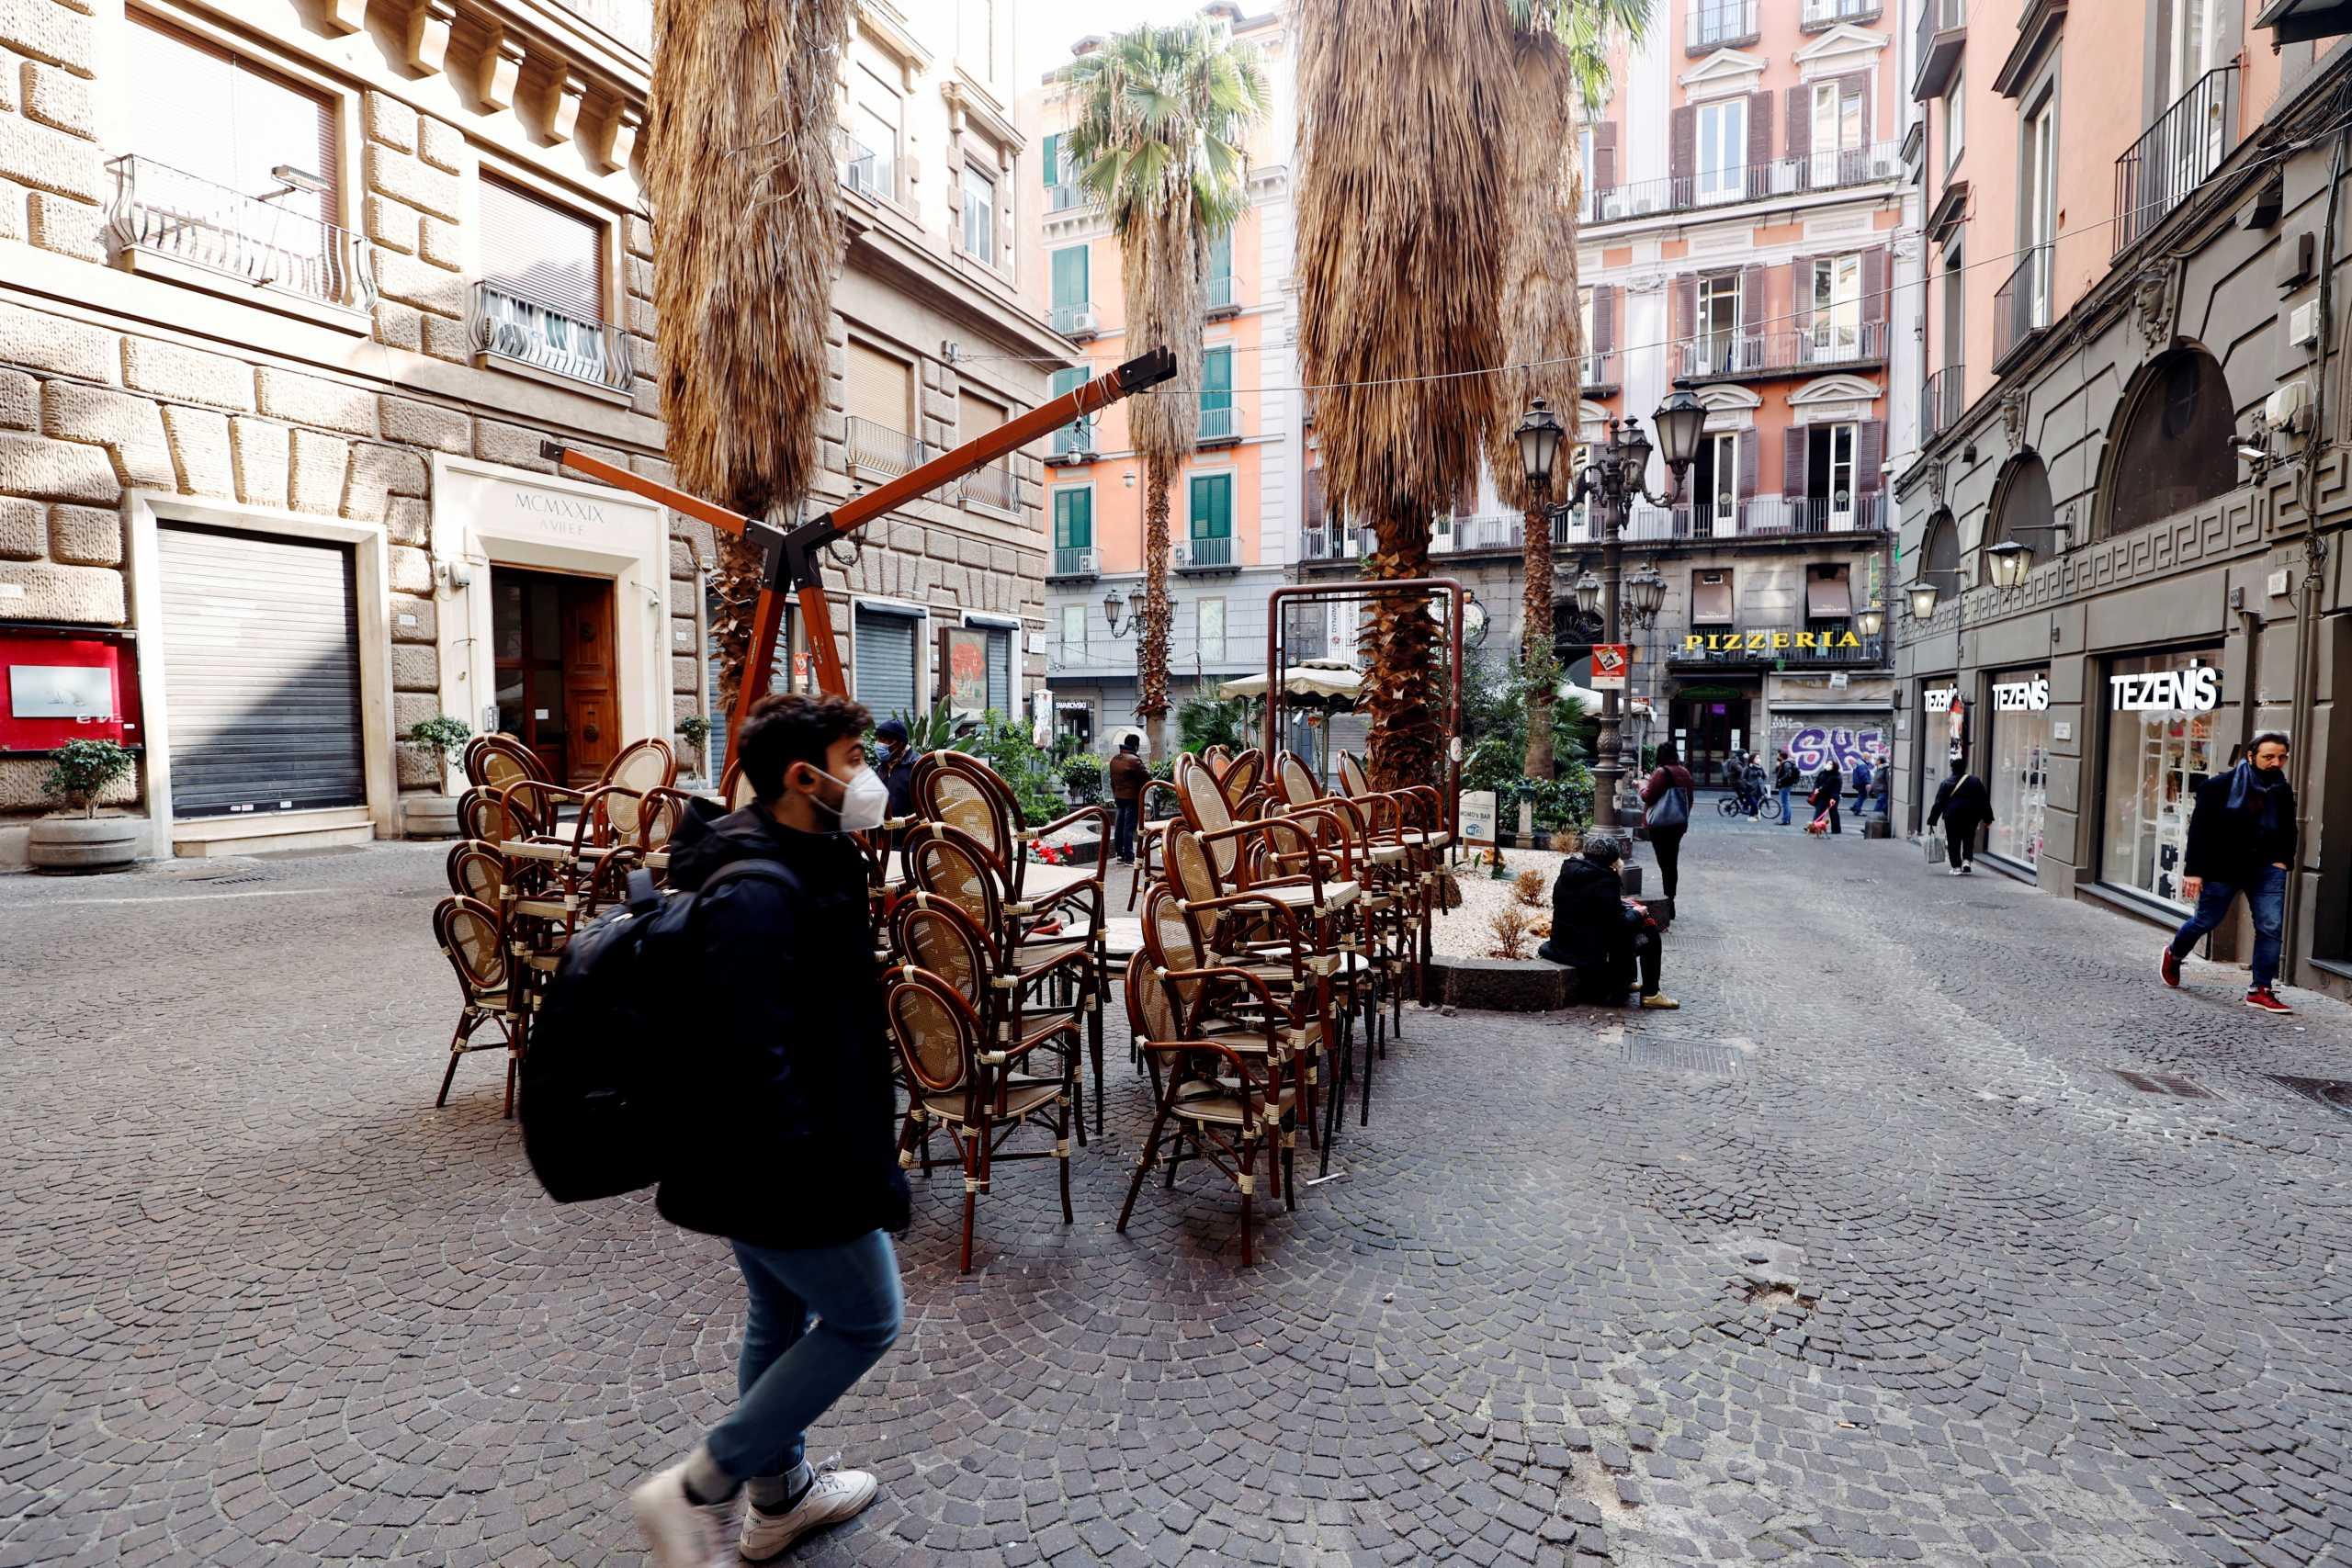 Κορονοϊός – Ιταλία: 380 νεκροί και πάνω από 26.800 νέα κρούσματα